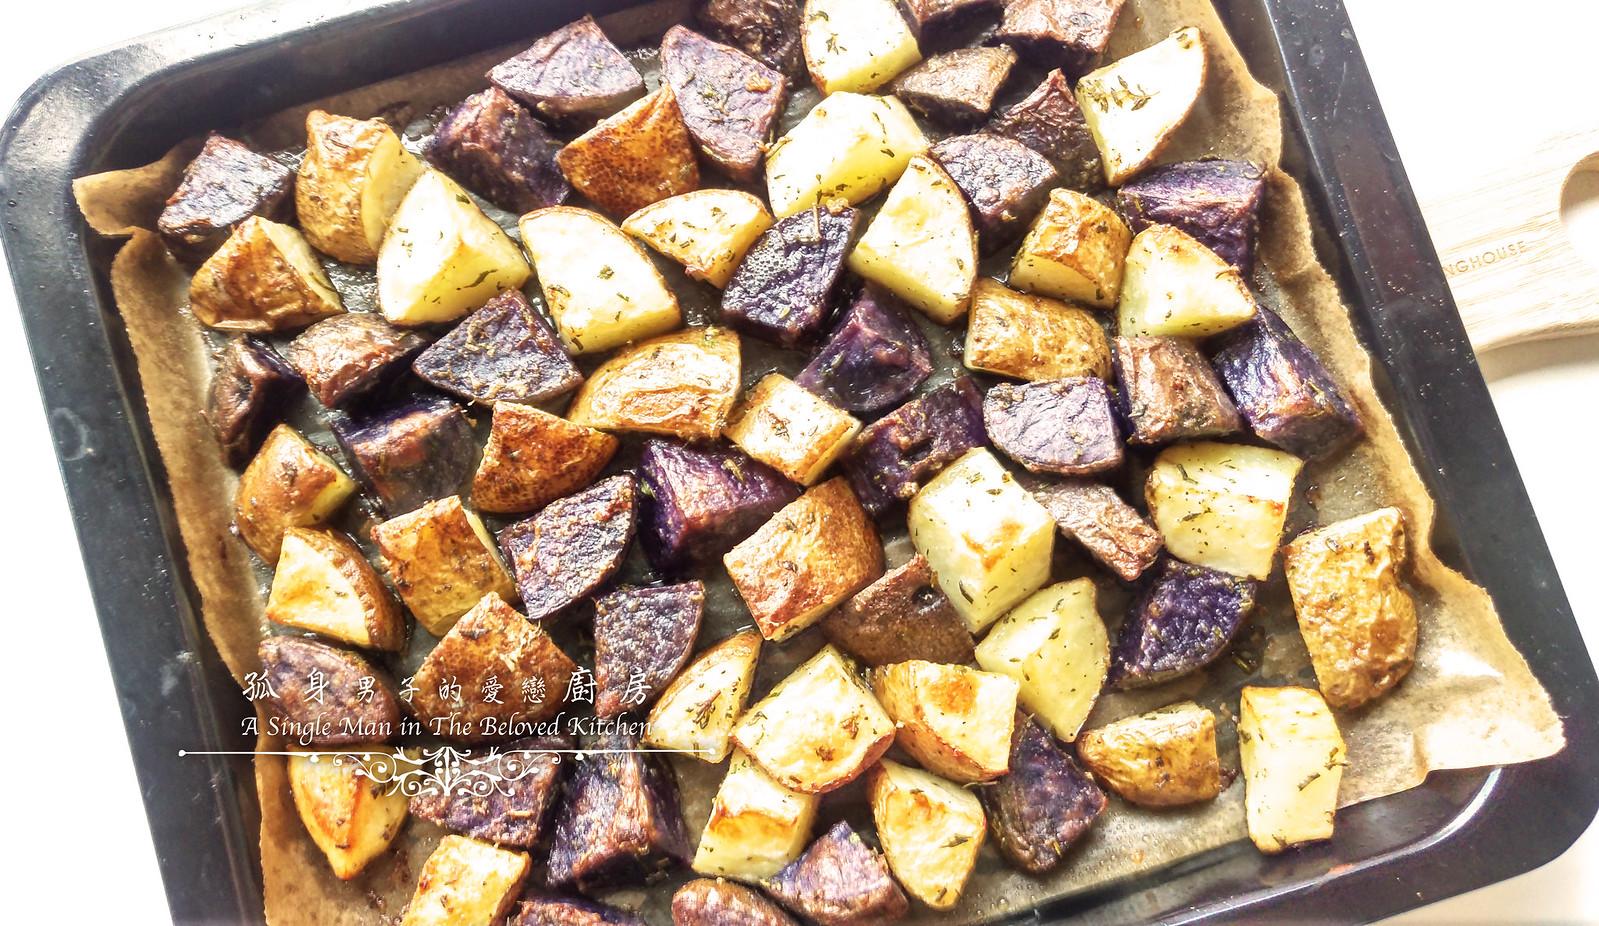 孤身廚房-香草烤雙色馬鈴薯──好吃又簡單的烤箱料理14